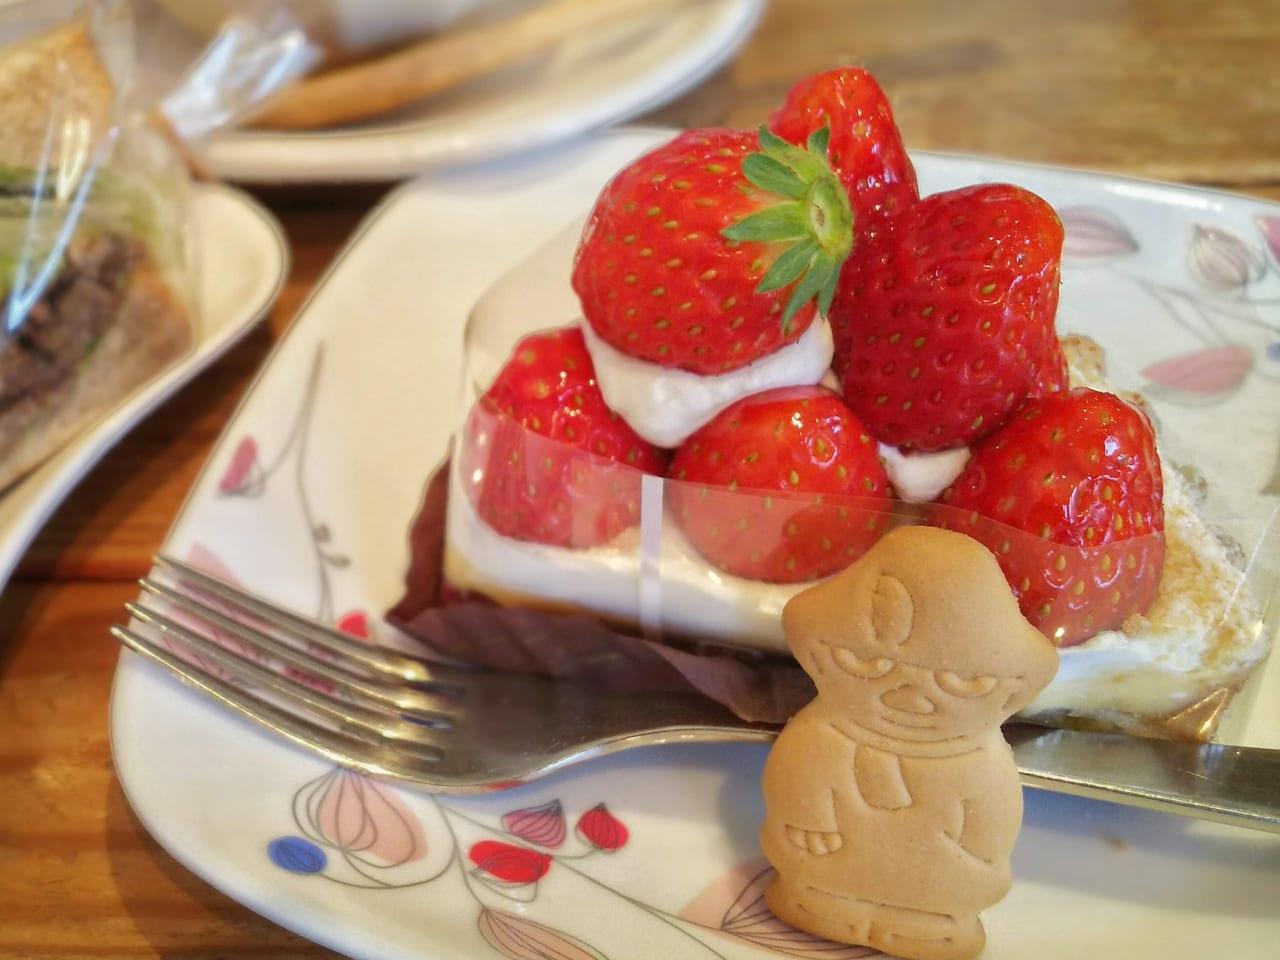 限定いちごスイーツがいっぱい!ららぽーと湘南平塚で「Shonan Strawberry Festa」が開催されます!